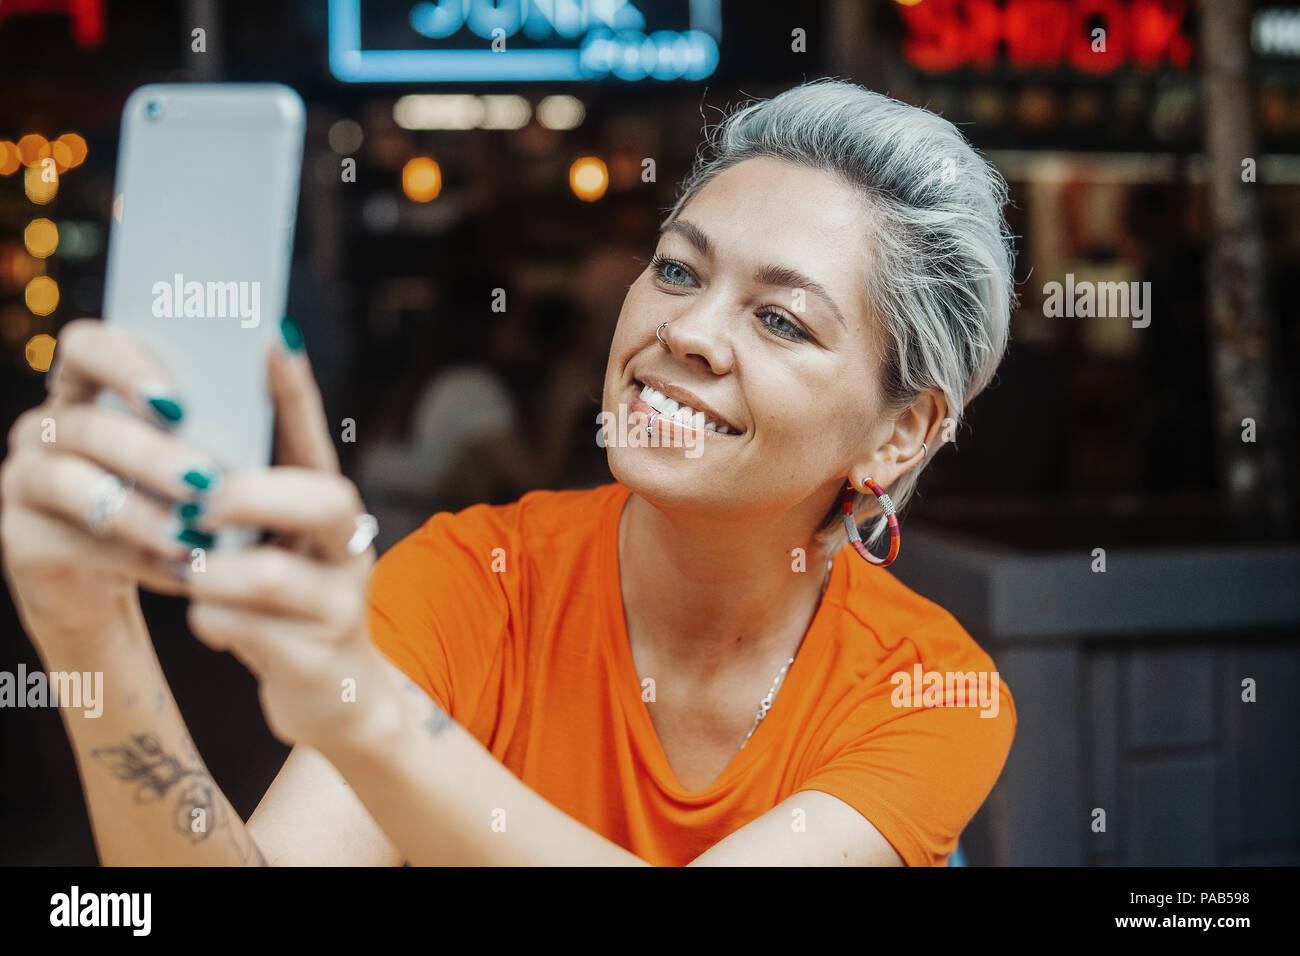 In der Nähe von attraktiven blonden Mädchen in orange T-Shirt machen selfie im Cafe Stockbild